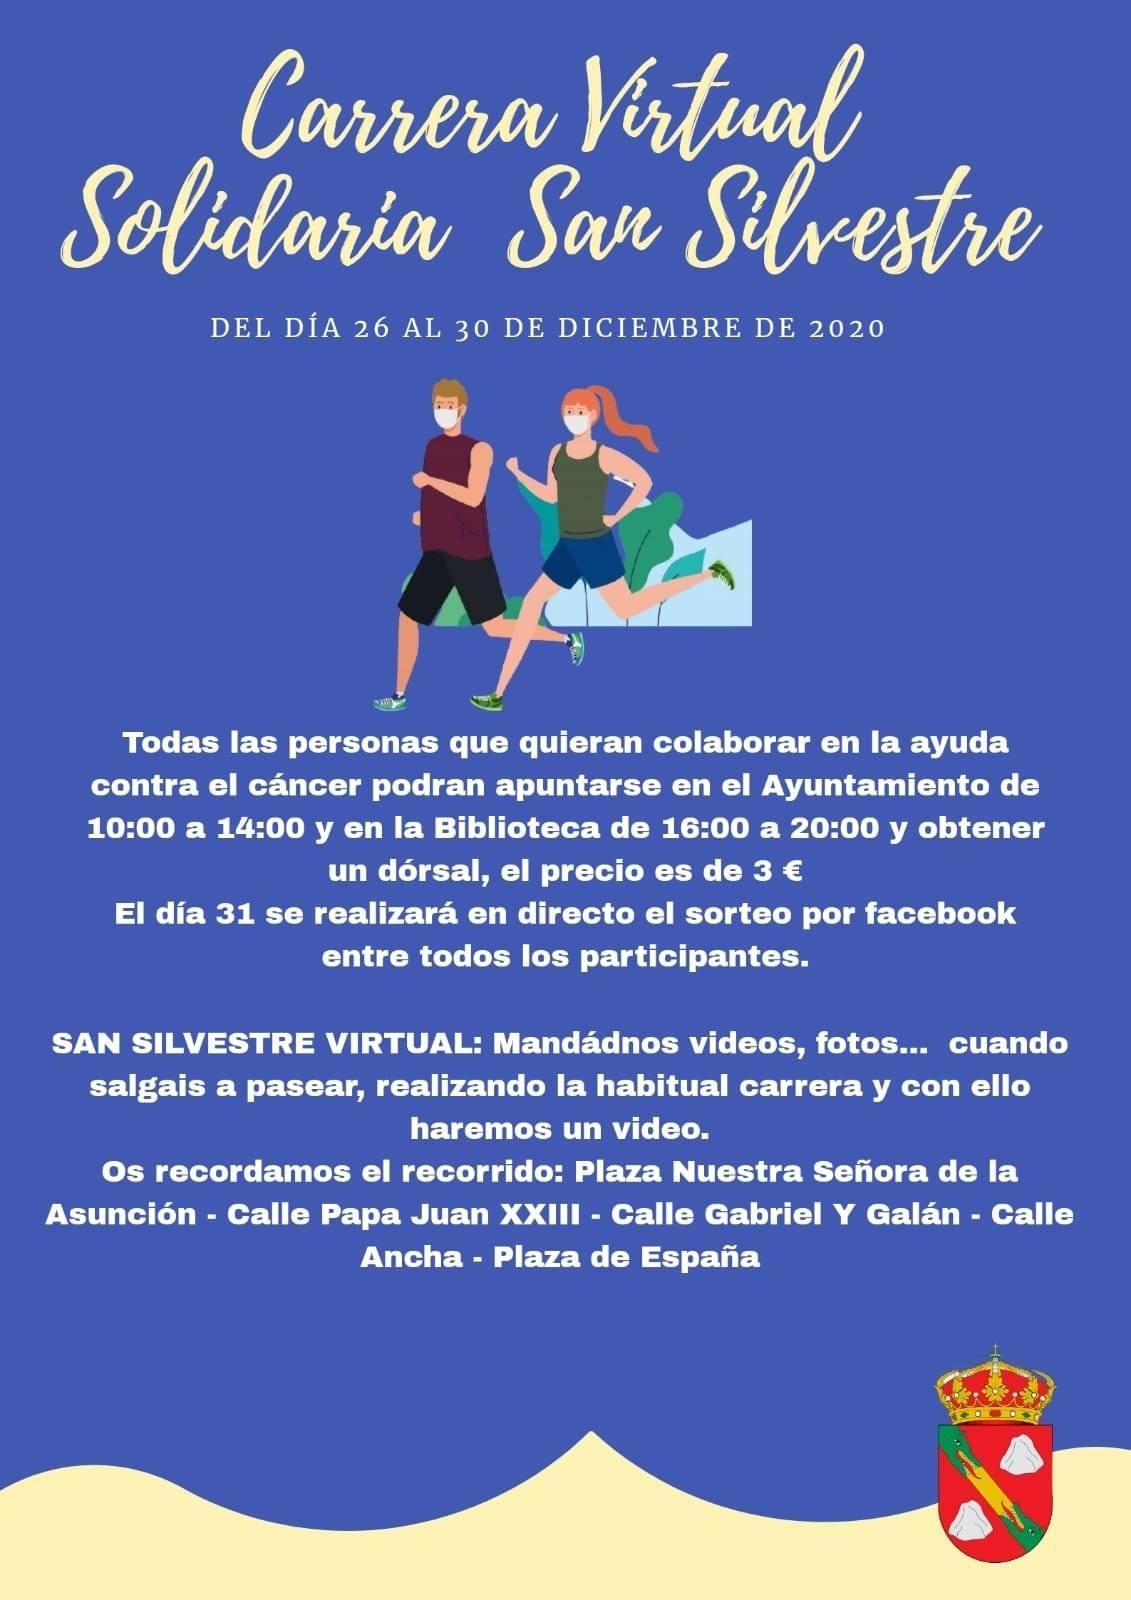 Carrera virtual solidaria San Silvestre (2020) - La Cumbre (Cáceres)